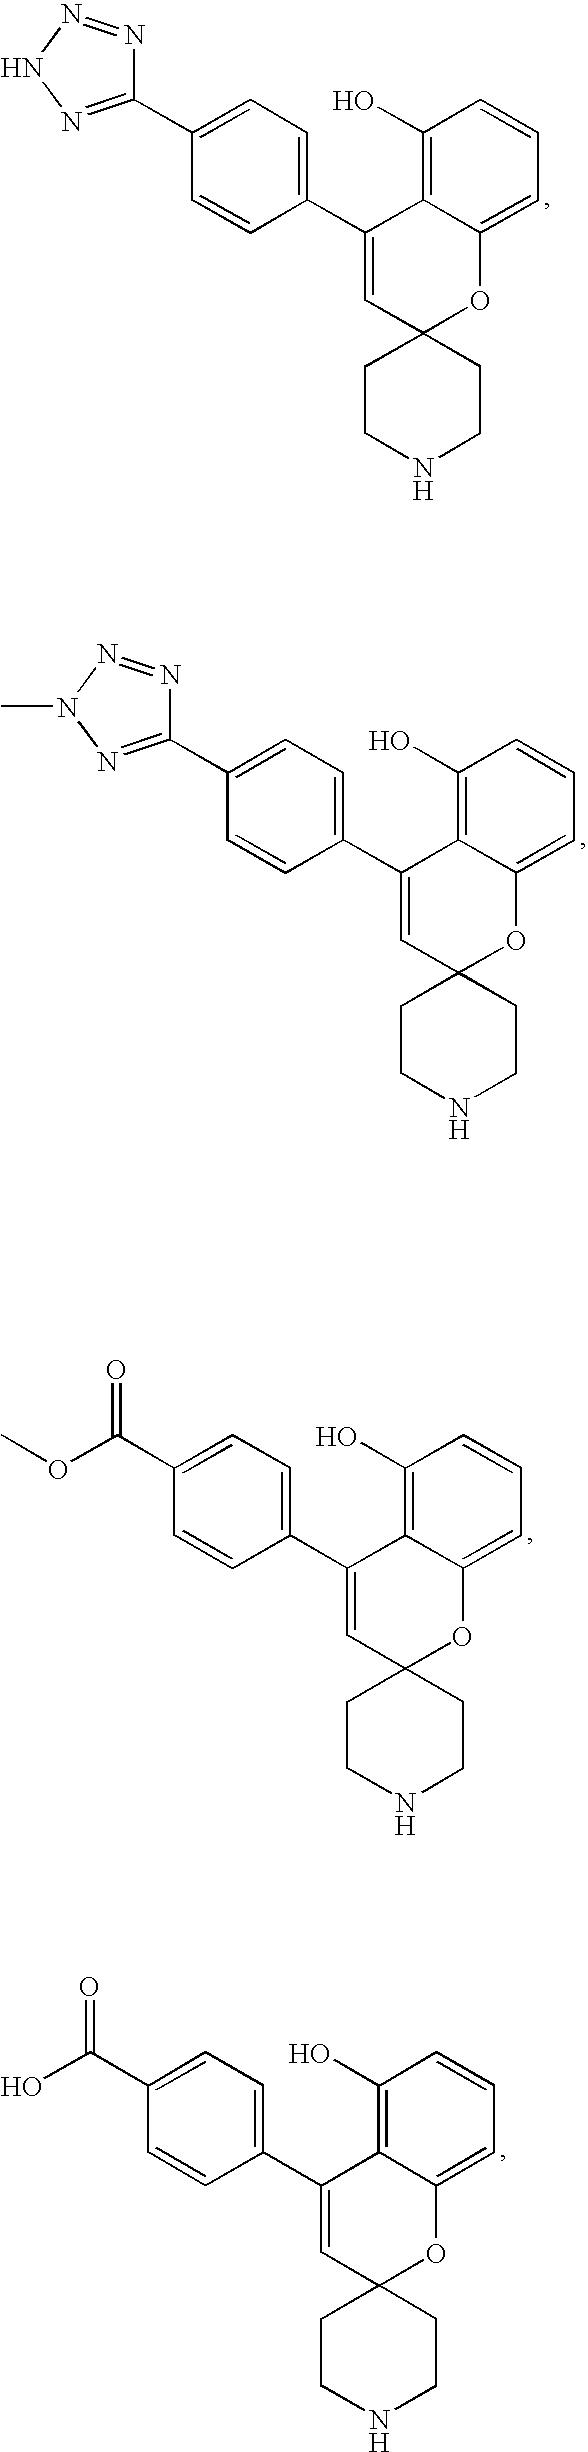 Figure US07598261-20091006-C00080